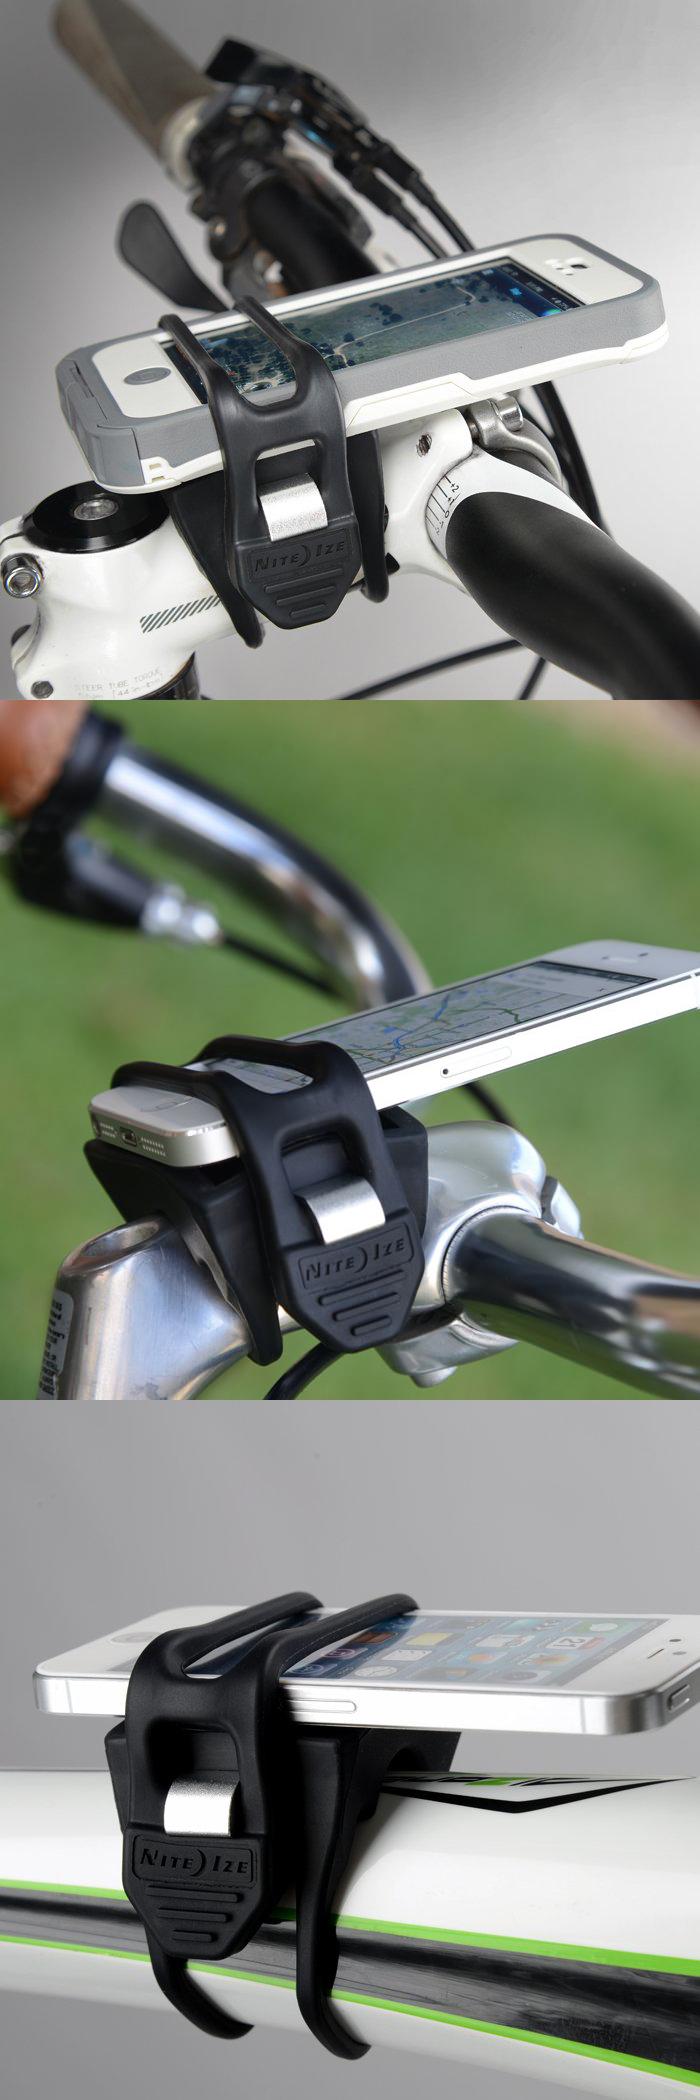 handleband_smartphone_bike_mount2